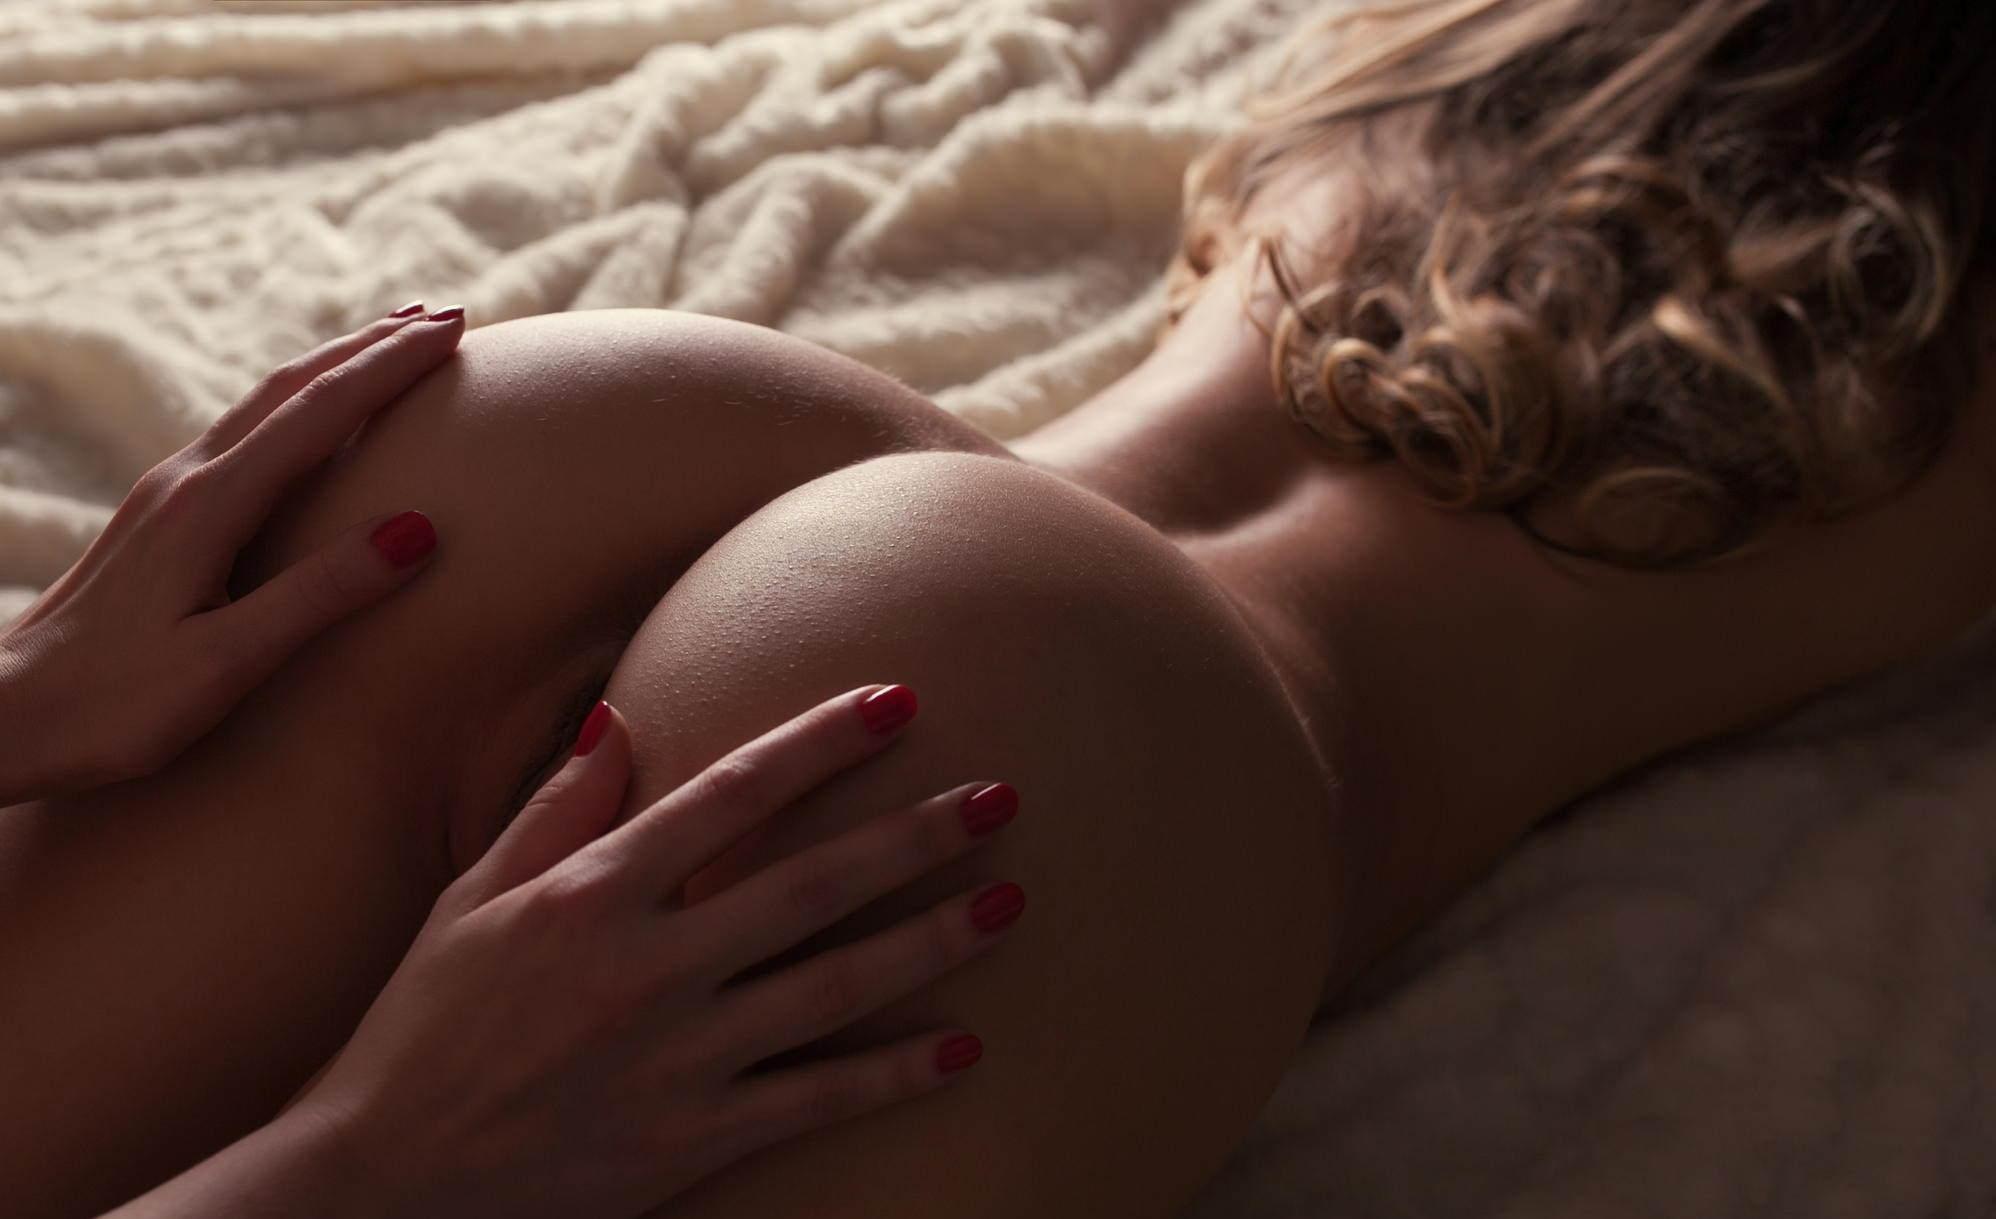 Фото Девушка ласкает голую попку подруги, прекрасные мягкая попа, скачать картинку бесплатно